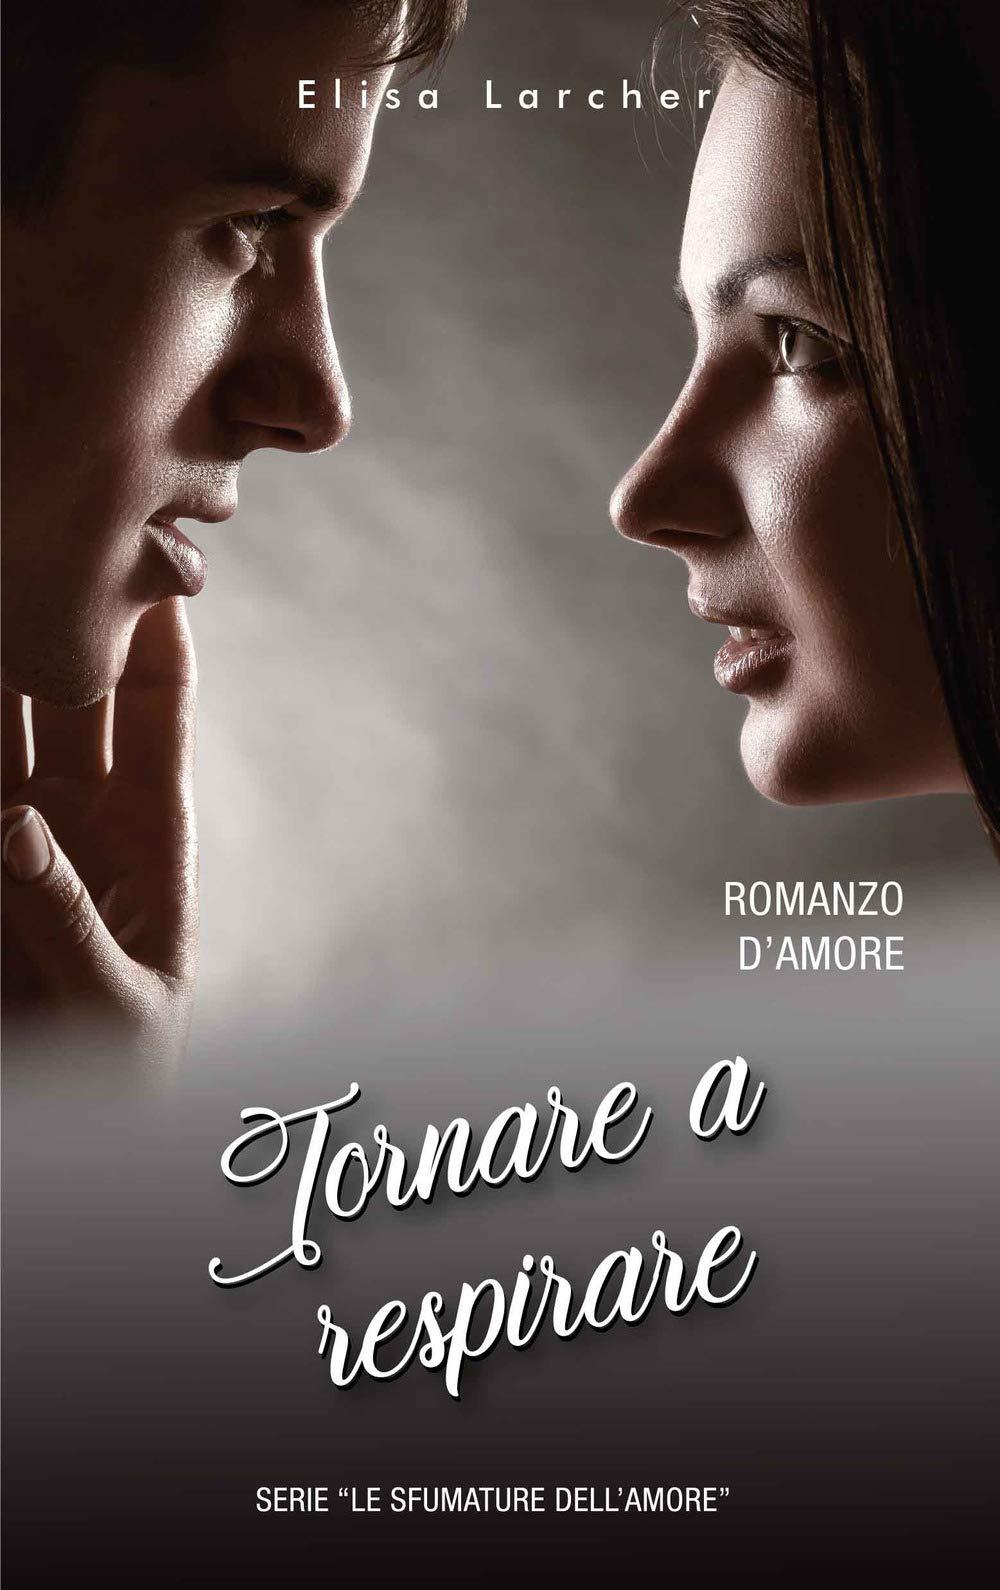 Amazon.it: Tornare a respirare - Larcher, Elisa - Libri